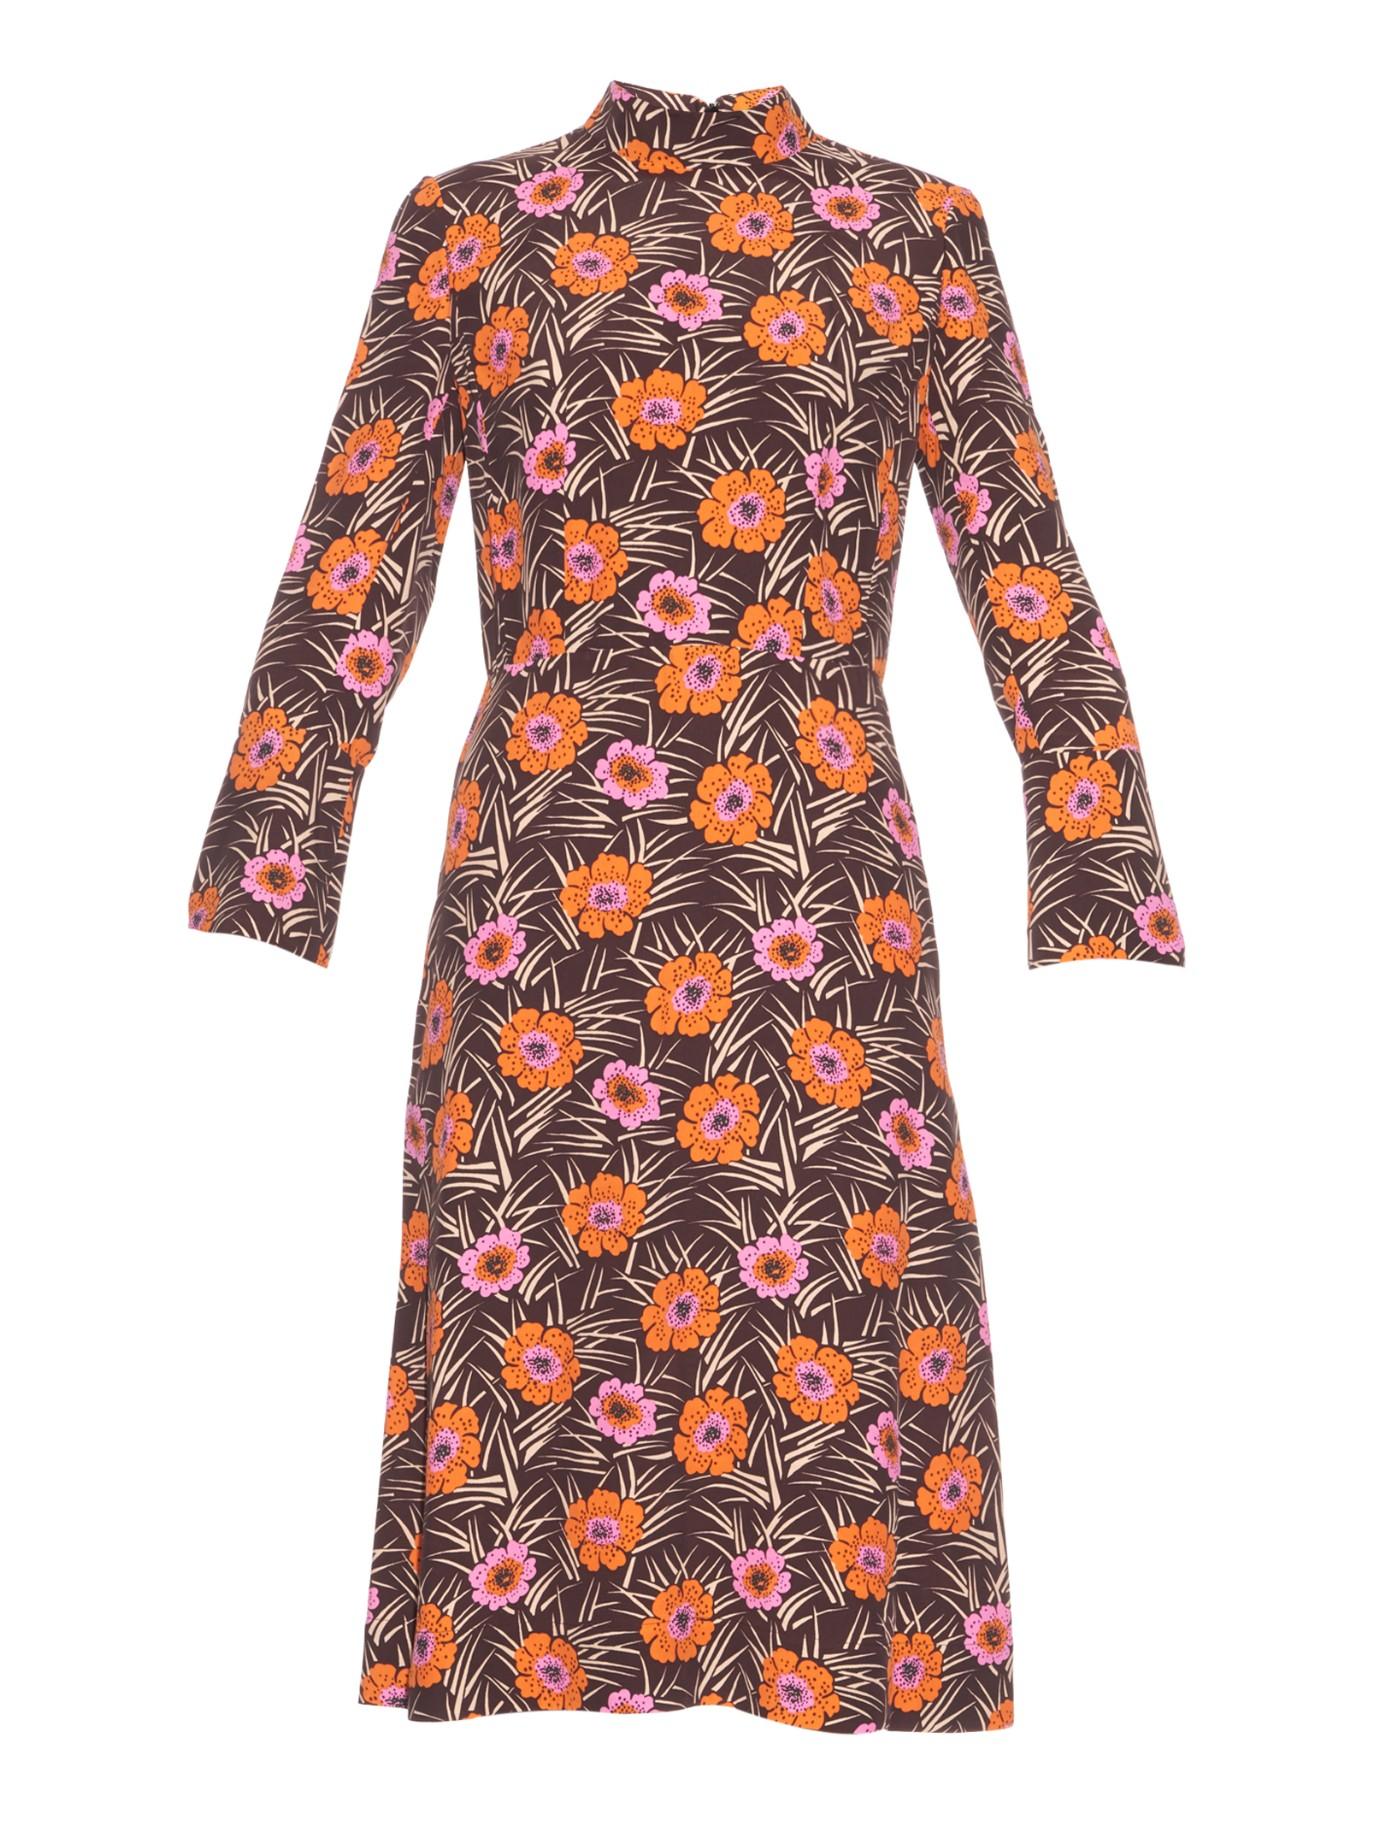 Stand Collar Dress Designs : Lyst marni asticon print stand collar midi dress in orange